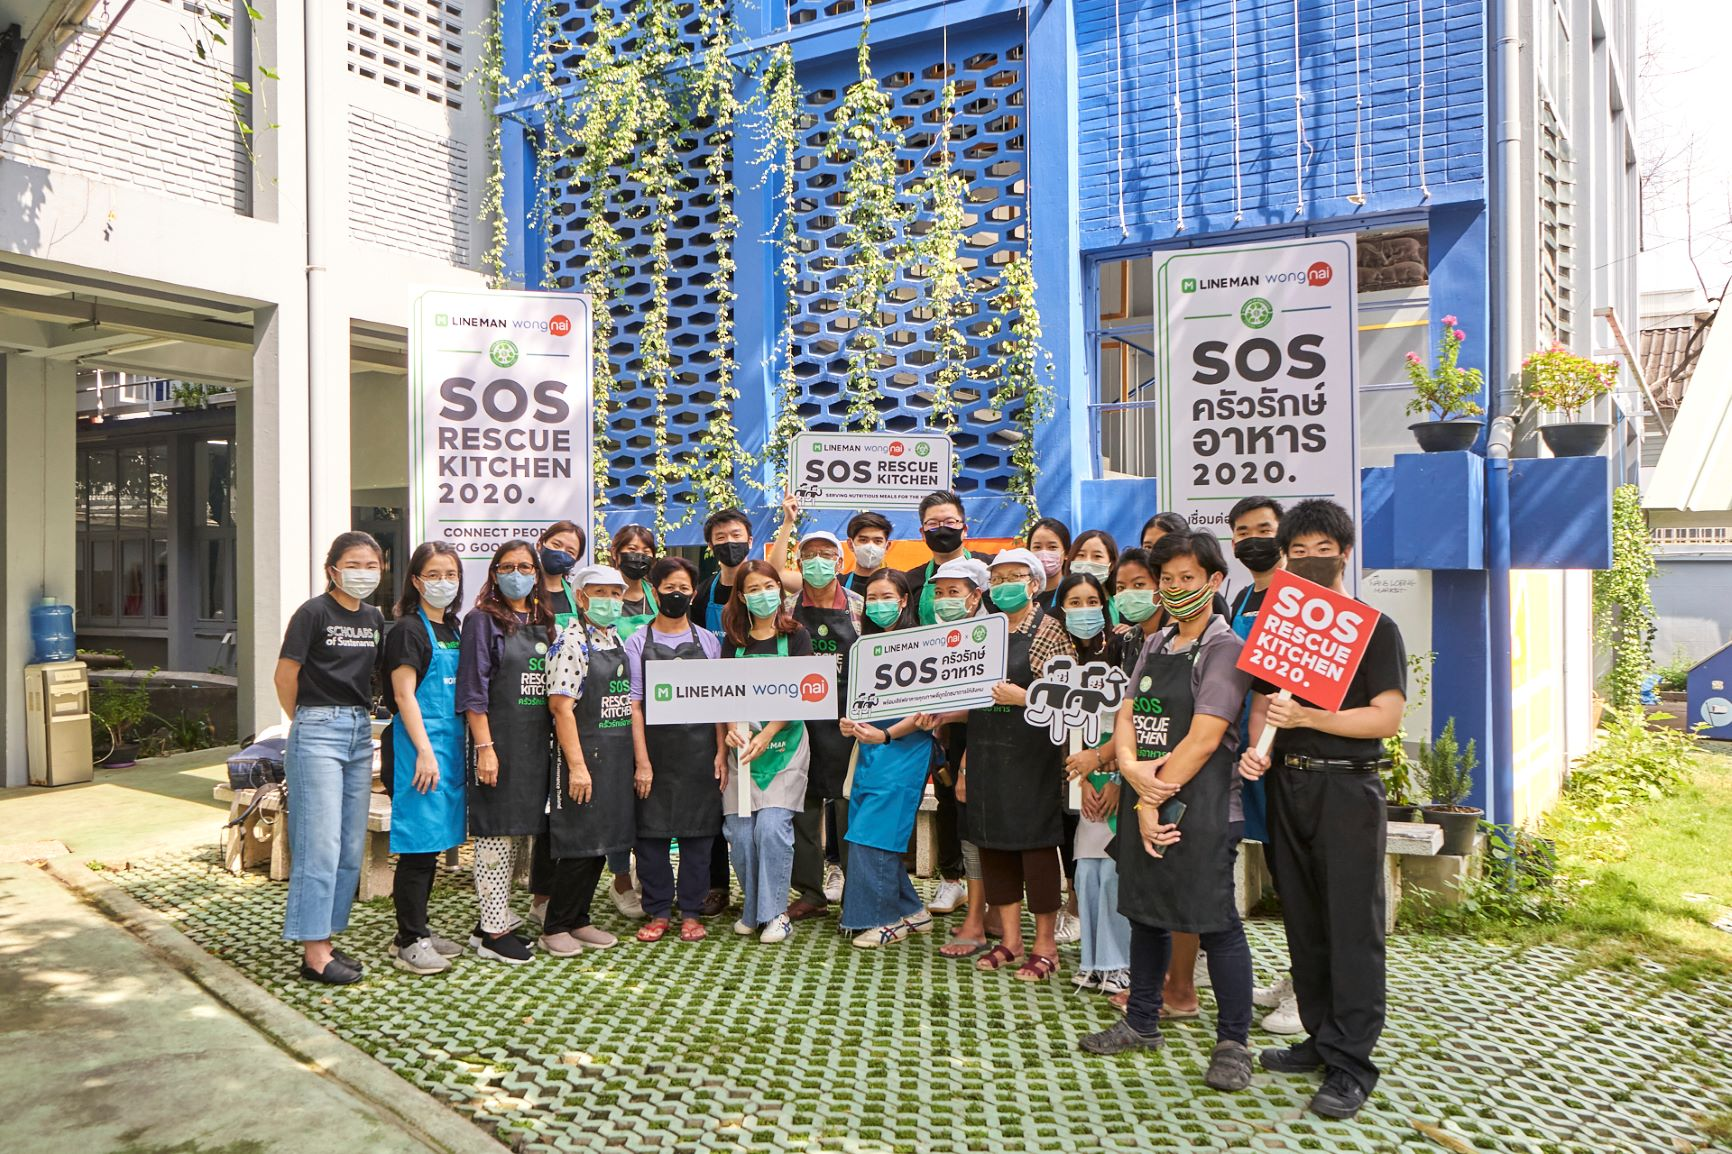 ชุบชีวิตอาหาร: เปลี่ยนอาหารส่วนเกิน เป็นมื้ออิ่มสู่ชุมชนนางเลิ้ง กับโครงการ LINE MAN Wongnai SOS Rescue Kitchen